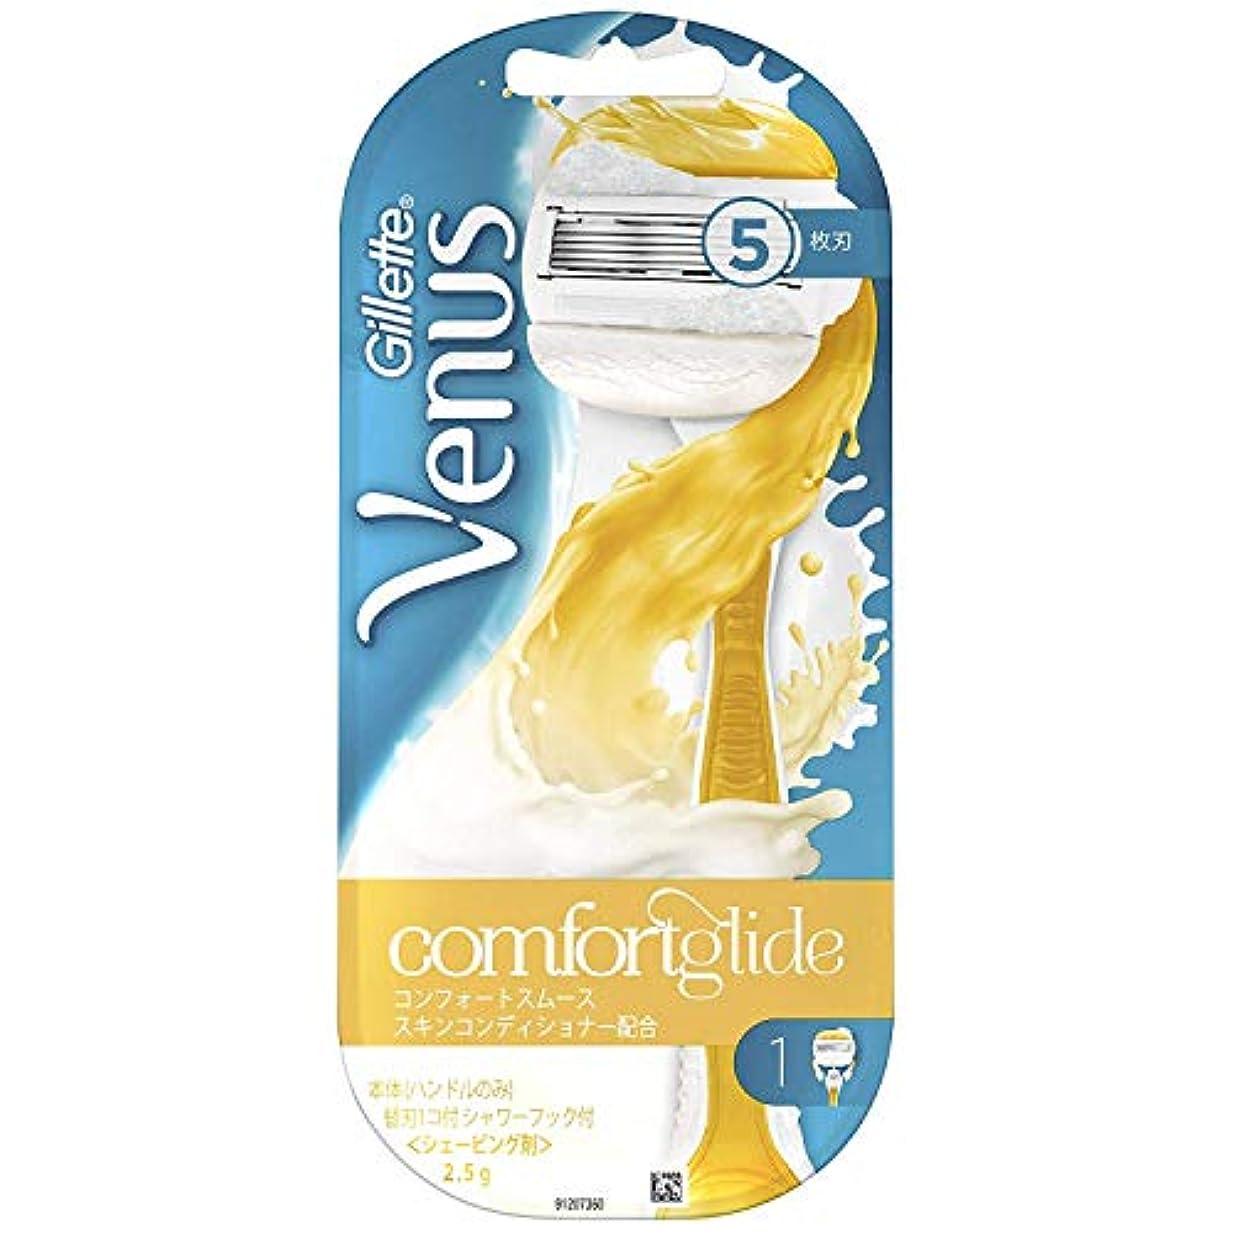 店員乳製品キャスト【P&G】ジレット ヴィーナス&オレイ ホルダー 替刃1個付 ×20個セット